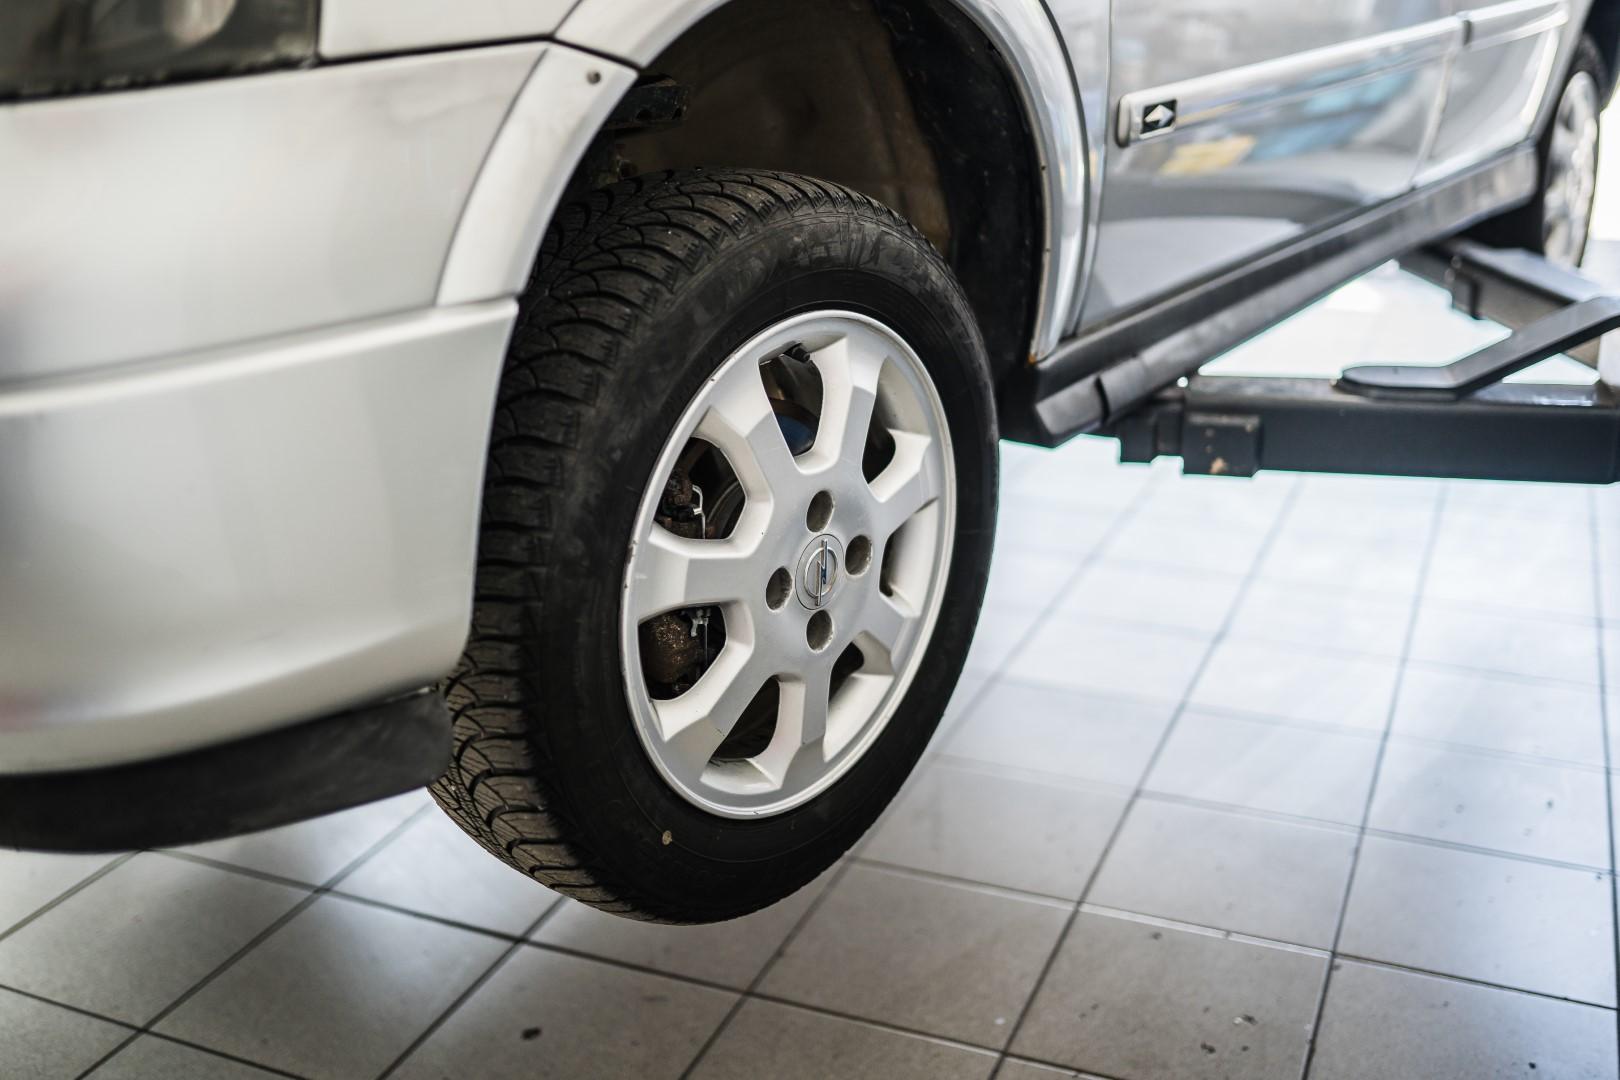 avtohisa-zalar-kvaliteten-servis-vozil-avtomobilov-jamstvo-hitri-servis (1)